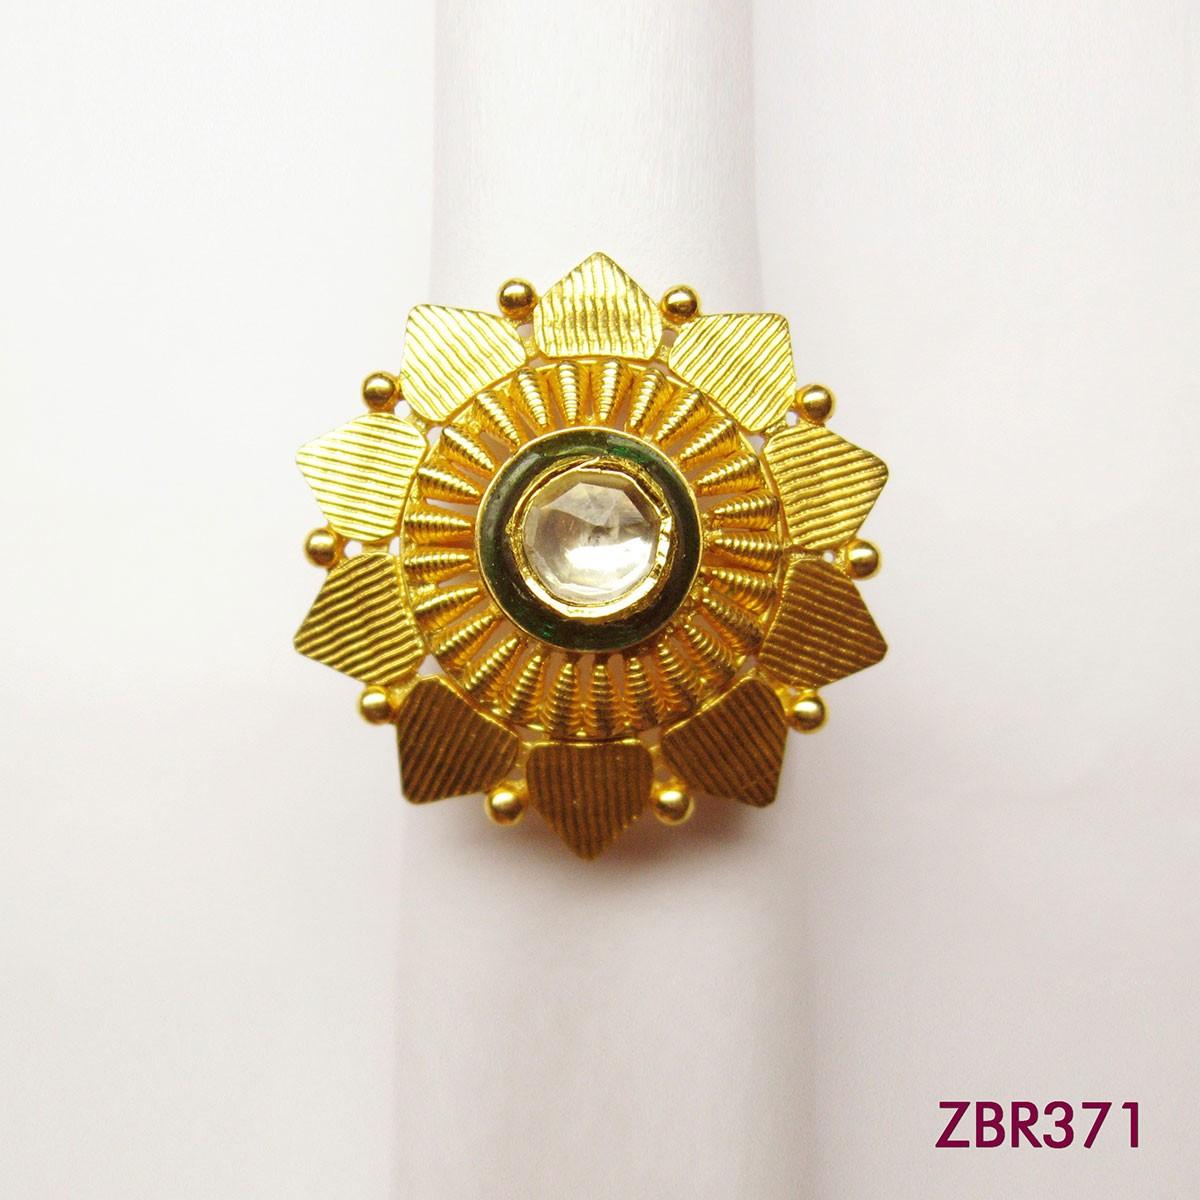 ZBR371